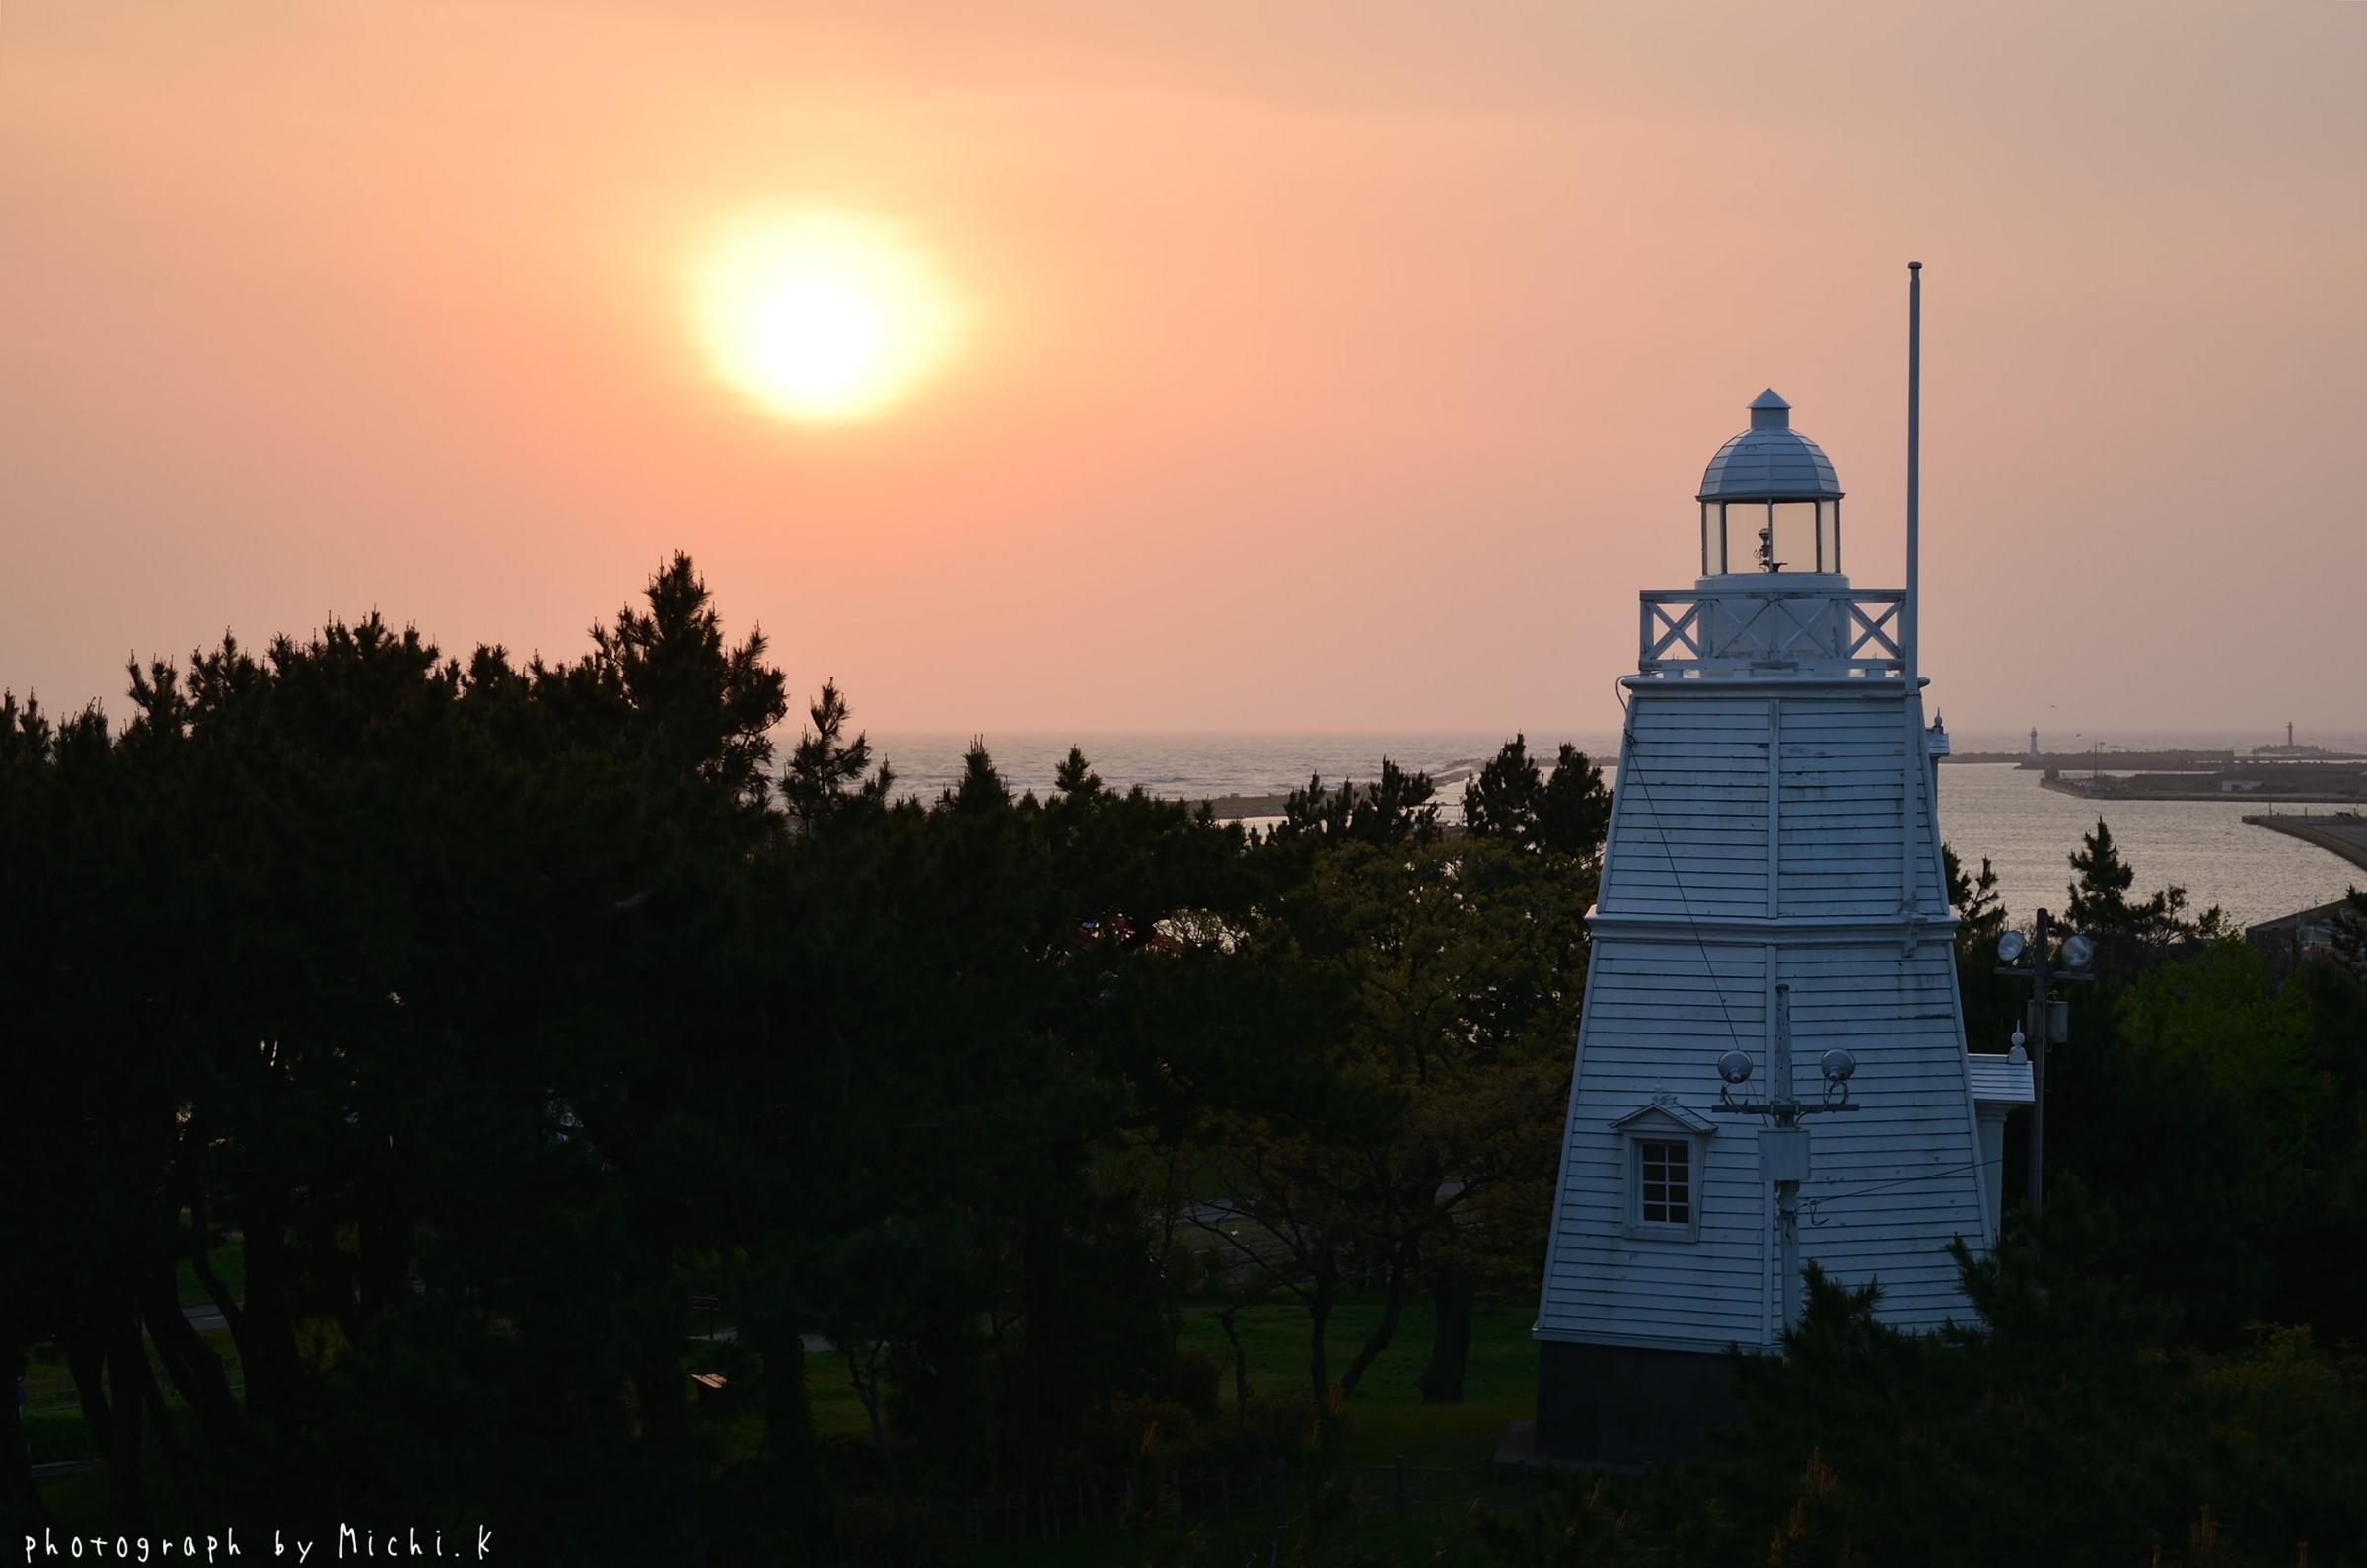 酒田市、日和山六角灯台(その1)